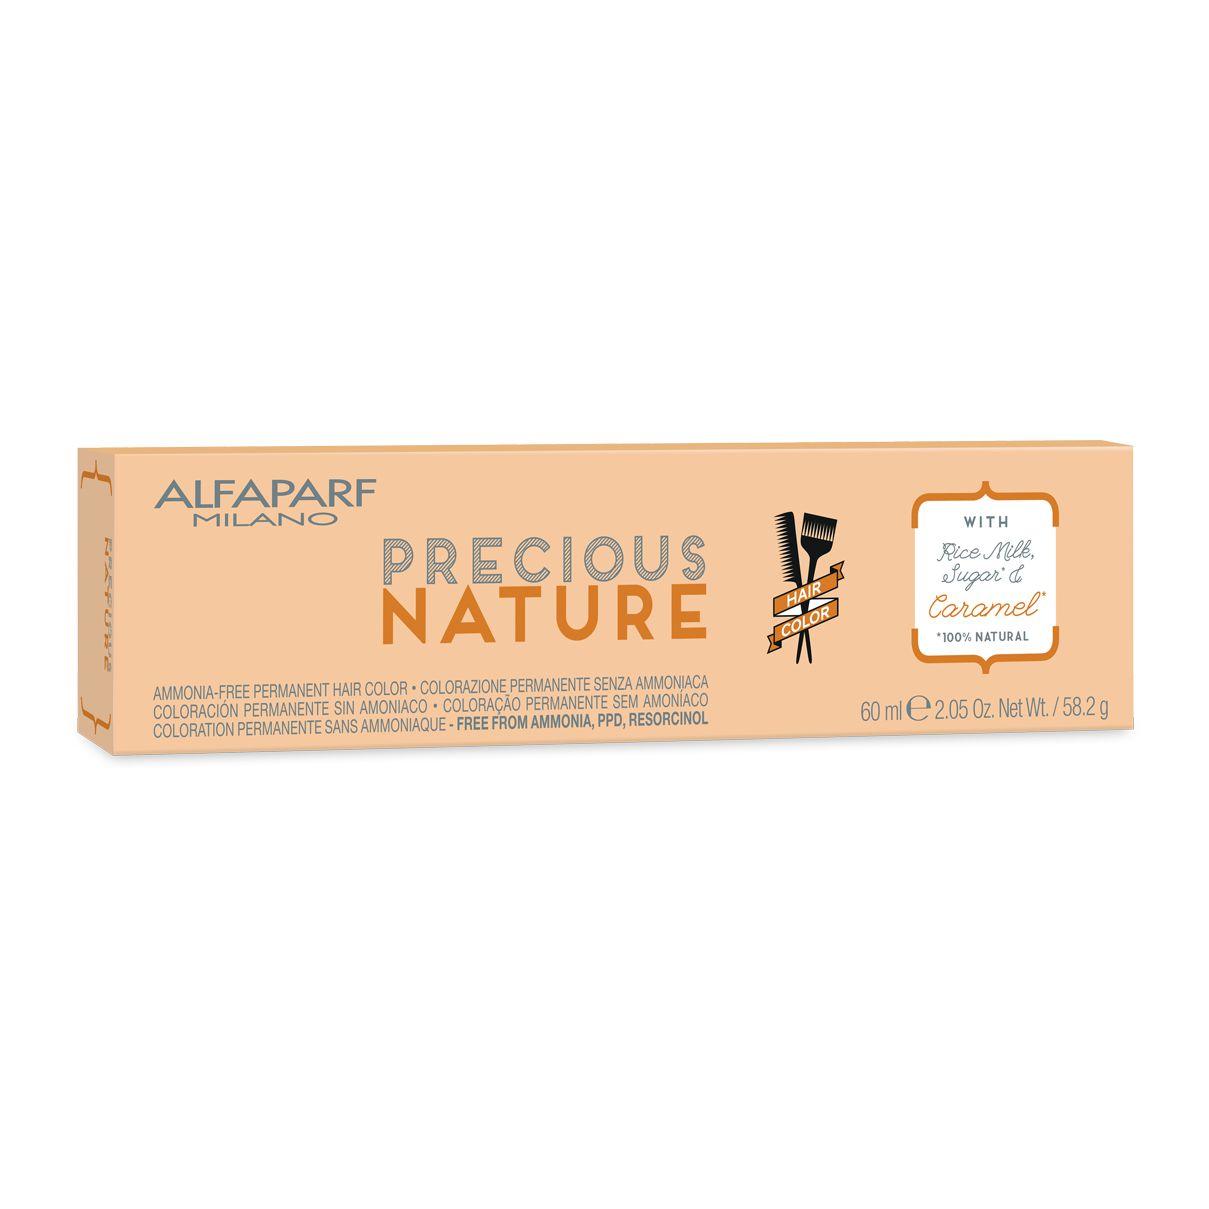 Alfaparf Milano Precious Nature Hair Color Creme de Coloração 6.32 Louro Escuro Dourado Irisé 60ml